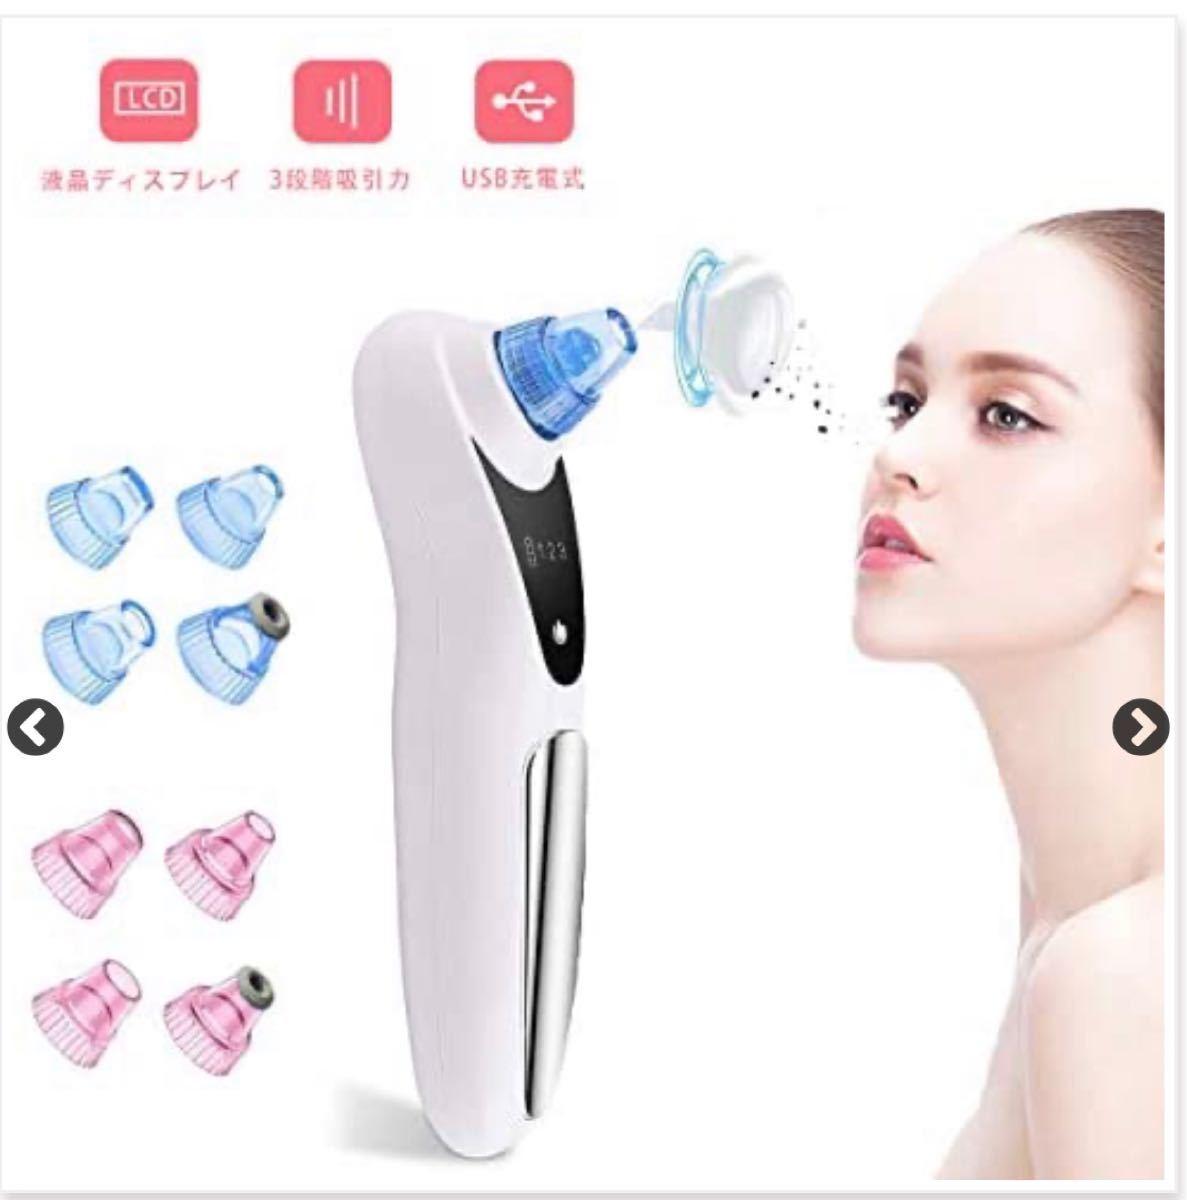 毛穴吸引器 USB充電式 3段階吸引力 4種類吸引ヘッド LCD表示 男女兼用